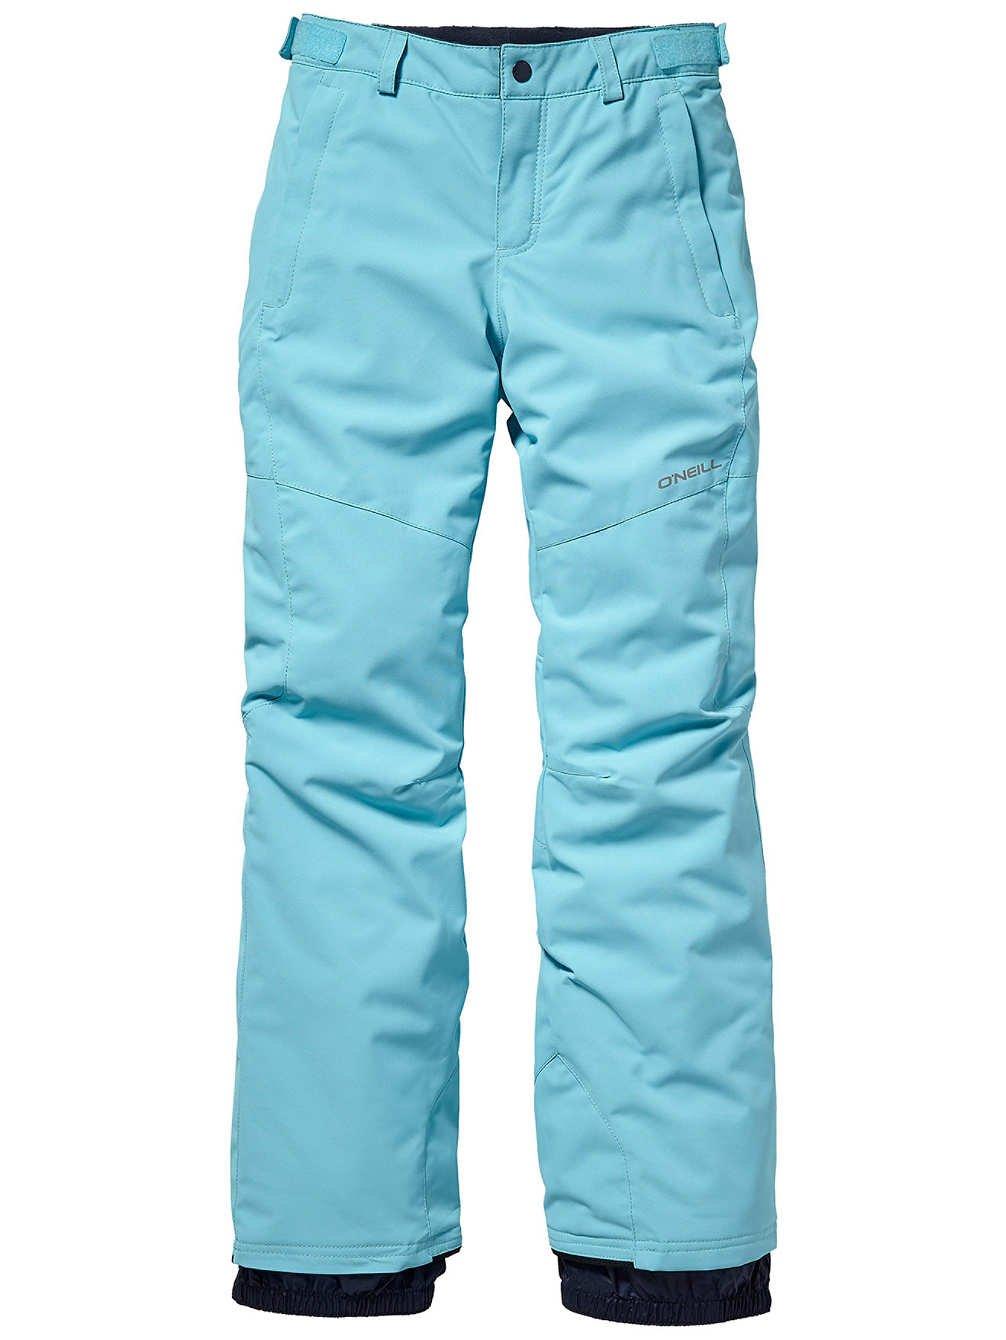 Island bleu 164 cm O'Neill Charm Pantalon de Snowboard pour Fille 5XL